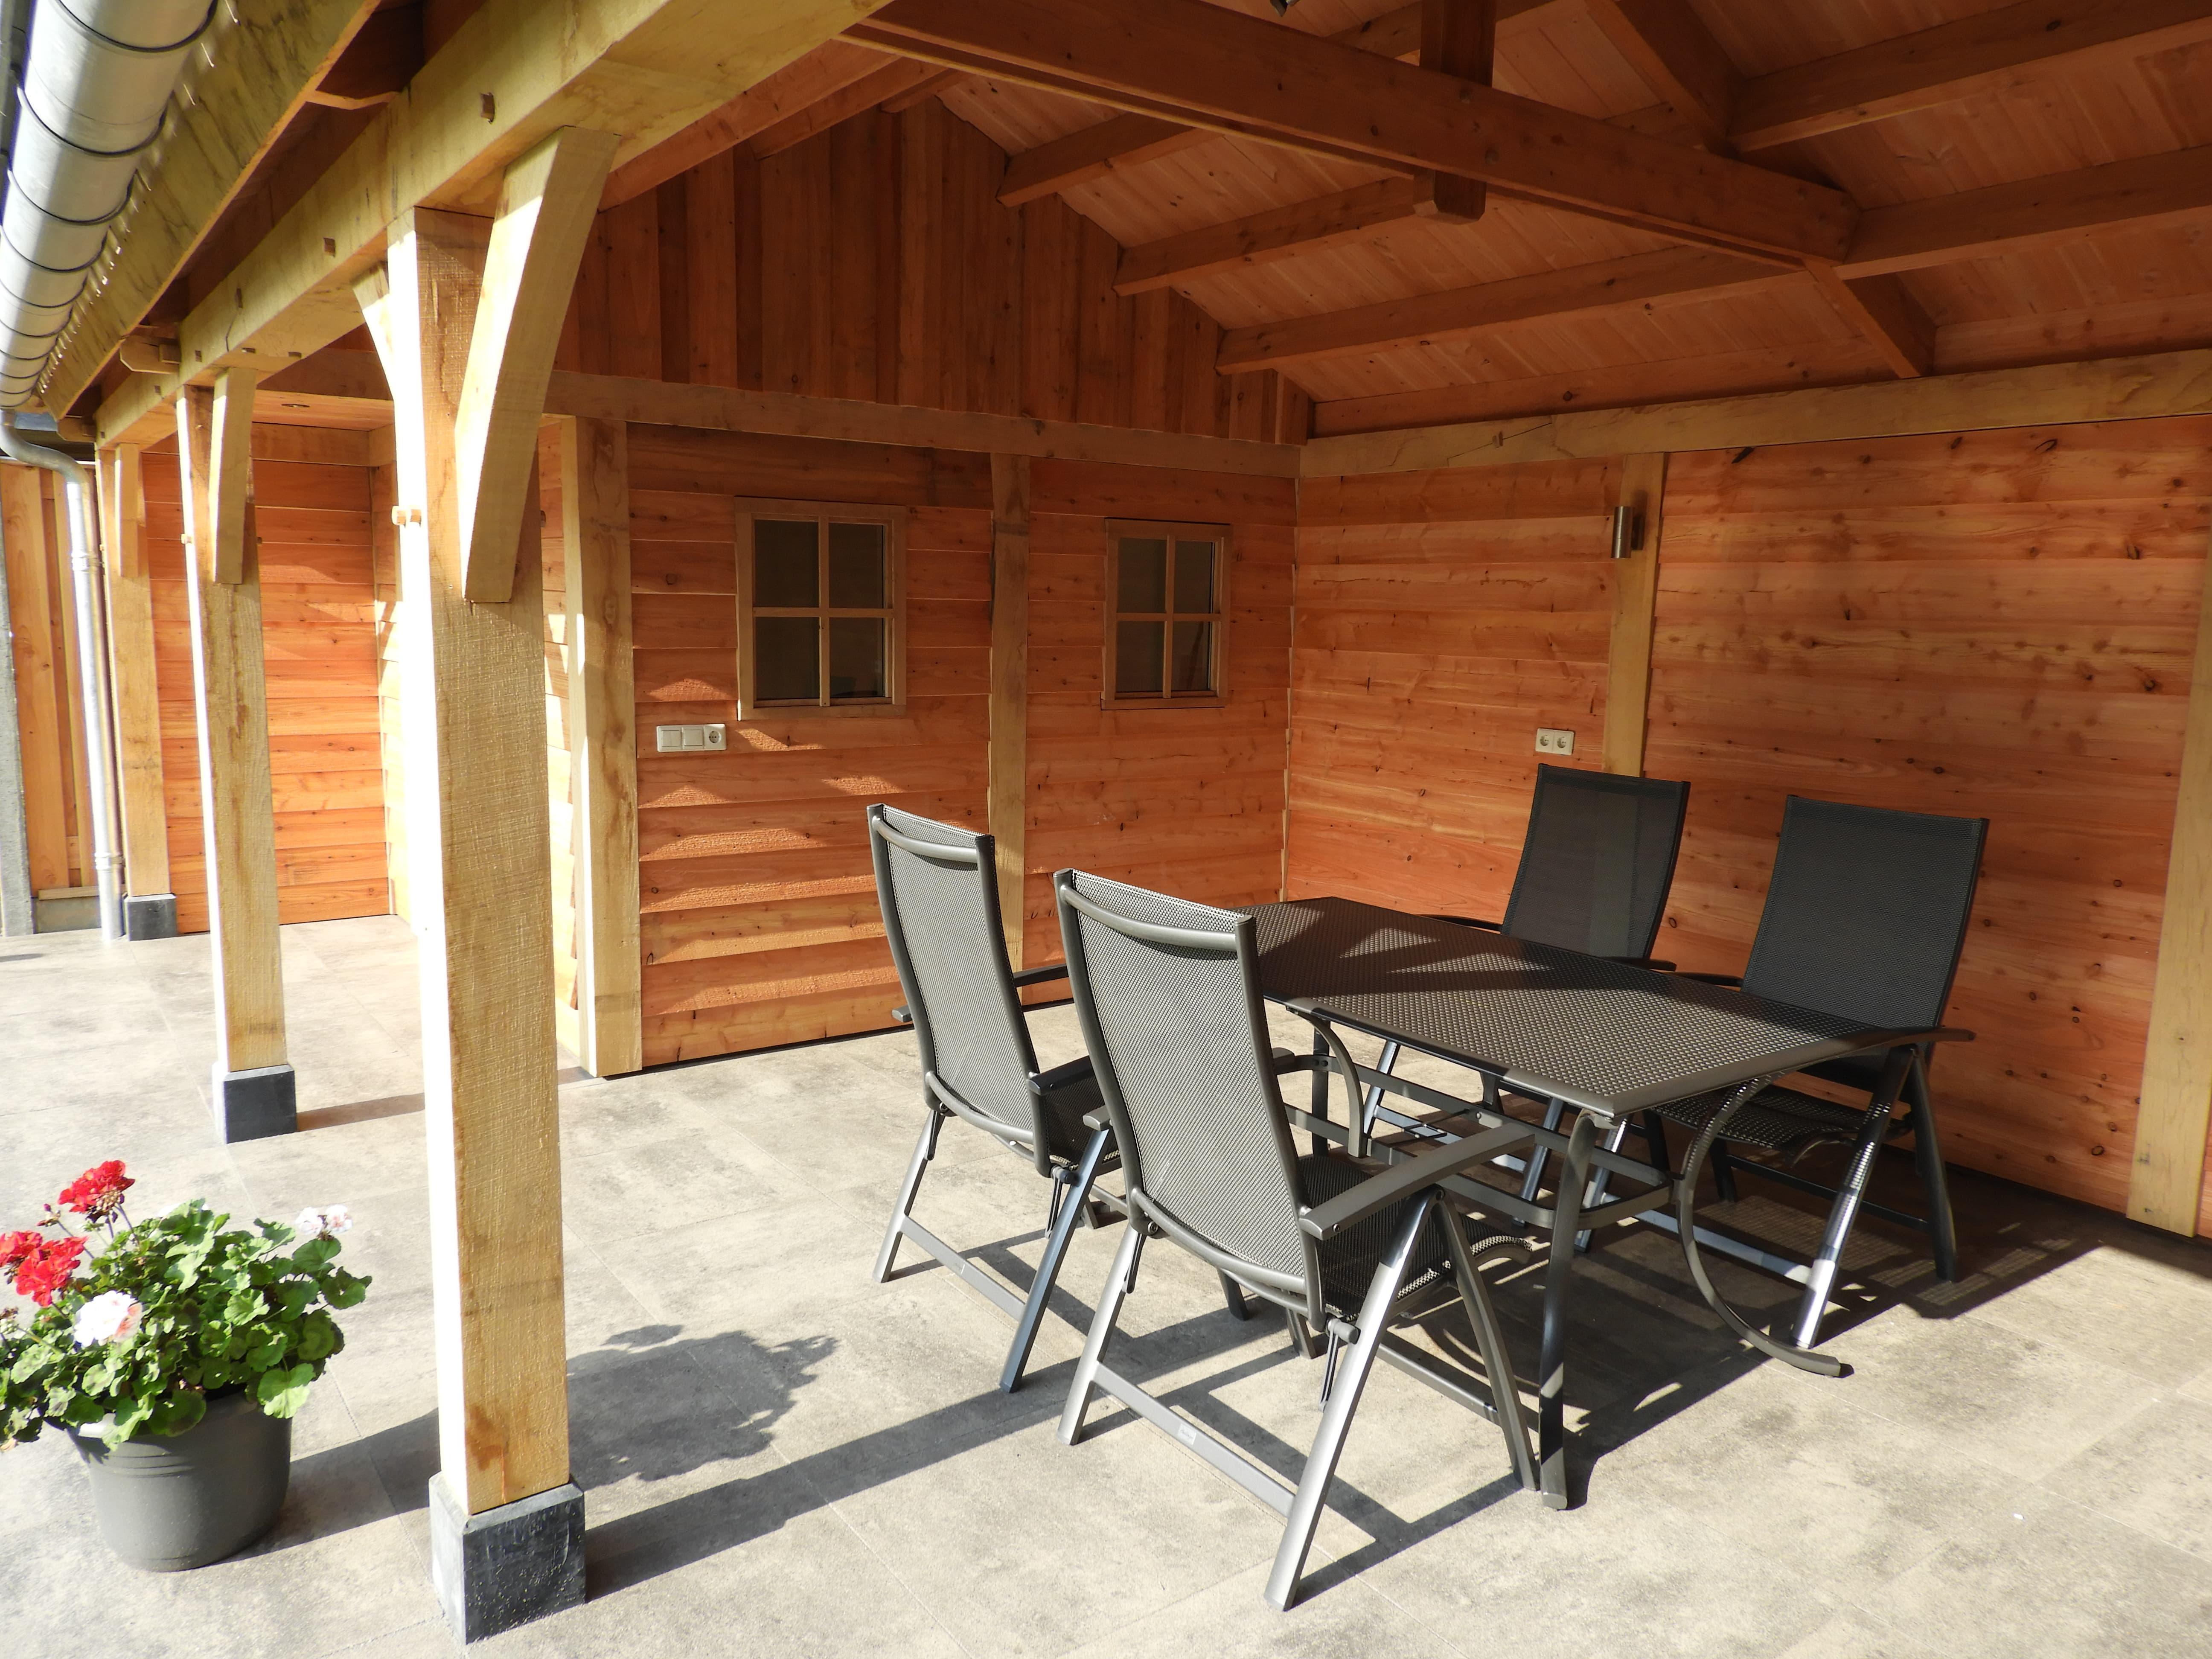 houten-tuinhuis-met-veranda-7-min - project Marienberg